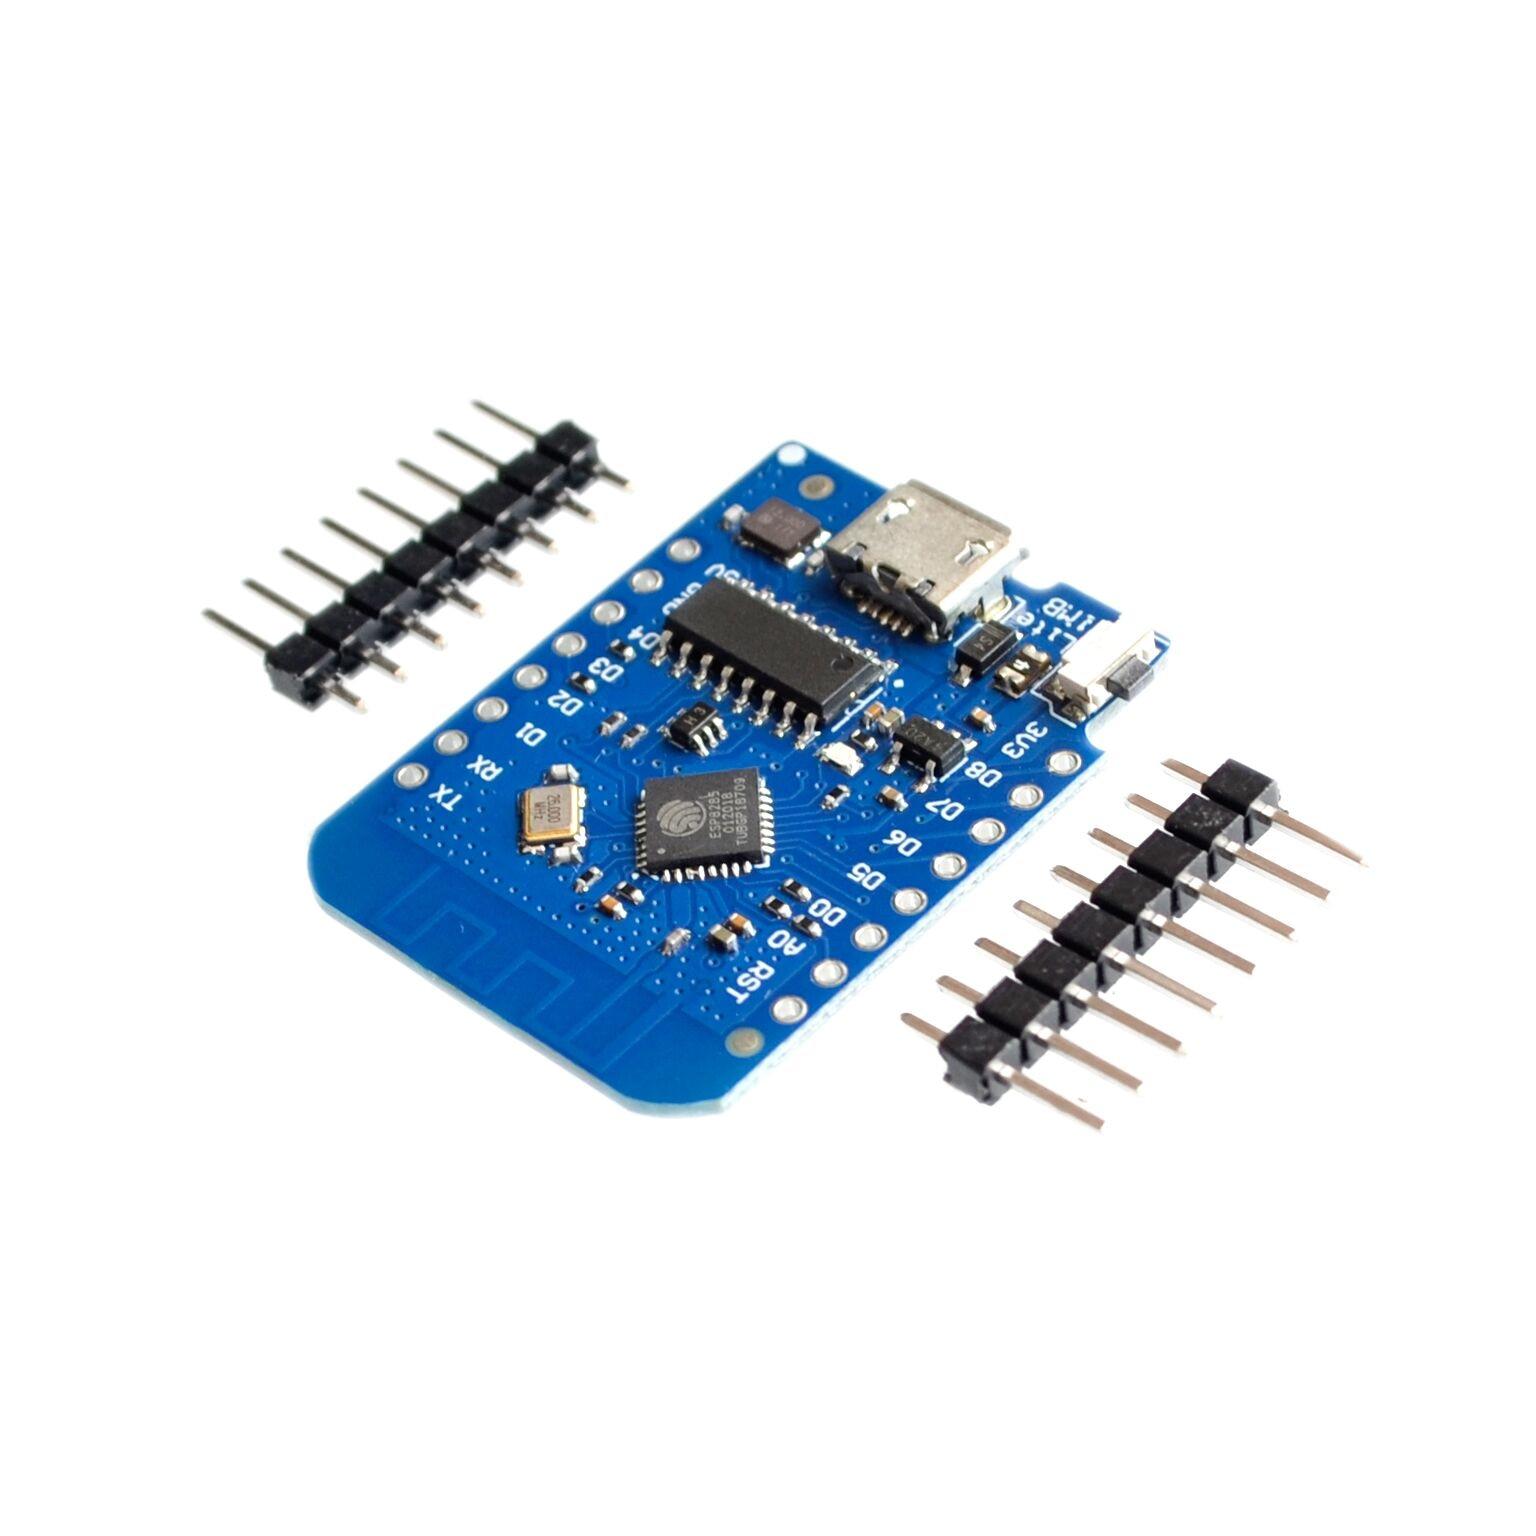 D1 mini V3.0.0-WIFI Internet de Choses développement conseil basé ESP8266 4 mb MicroPython Nodemcu Arduino Compatible